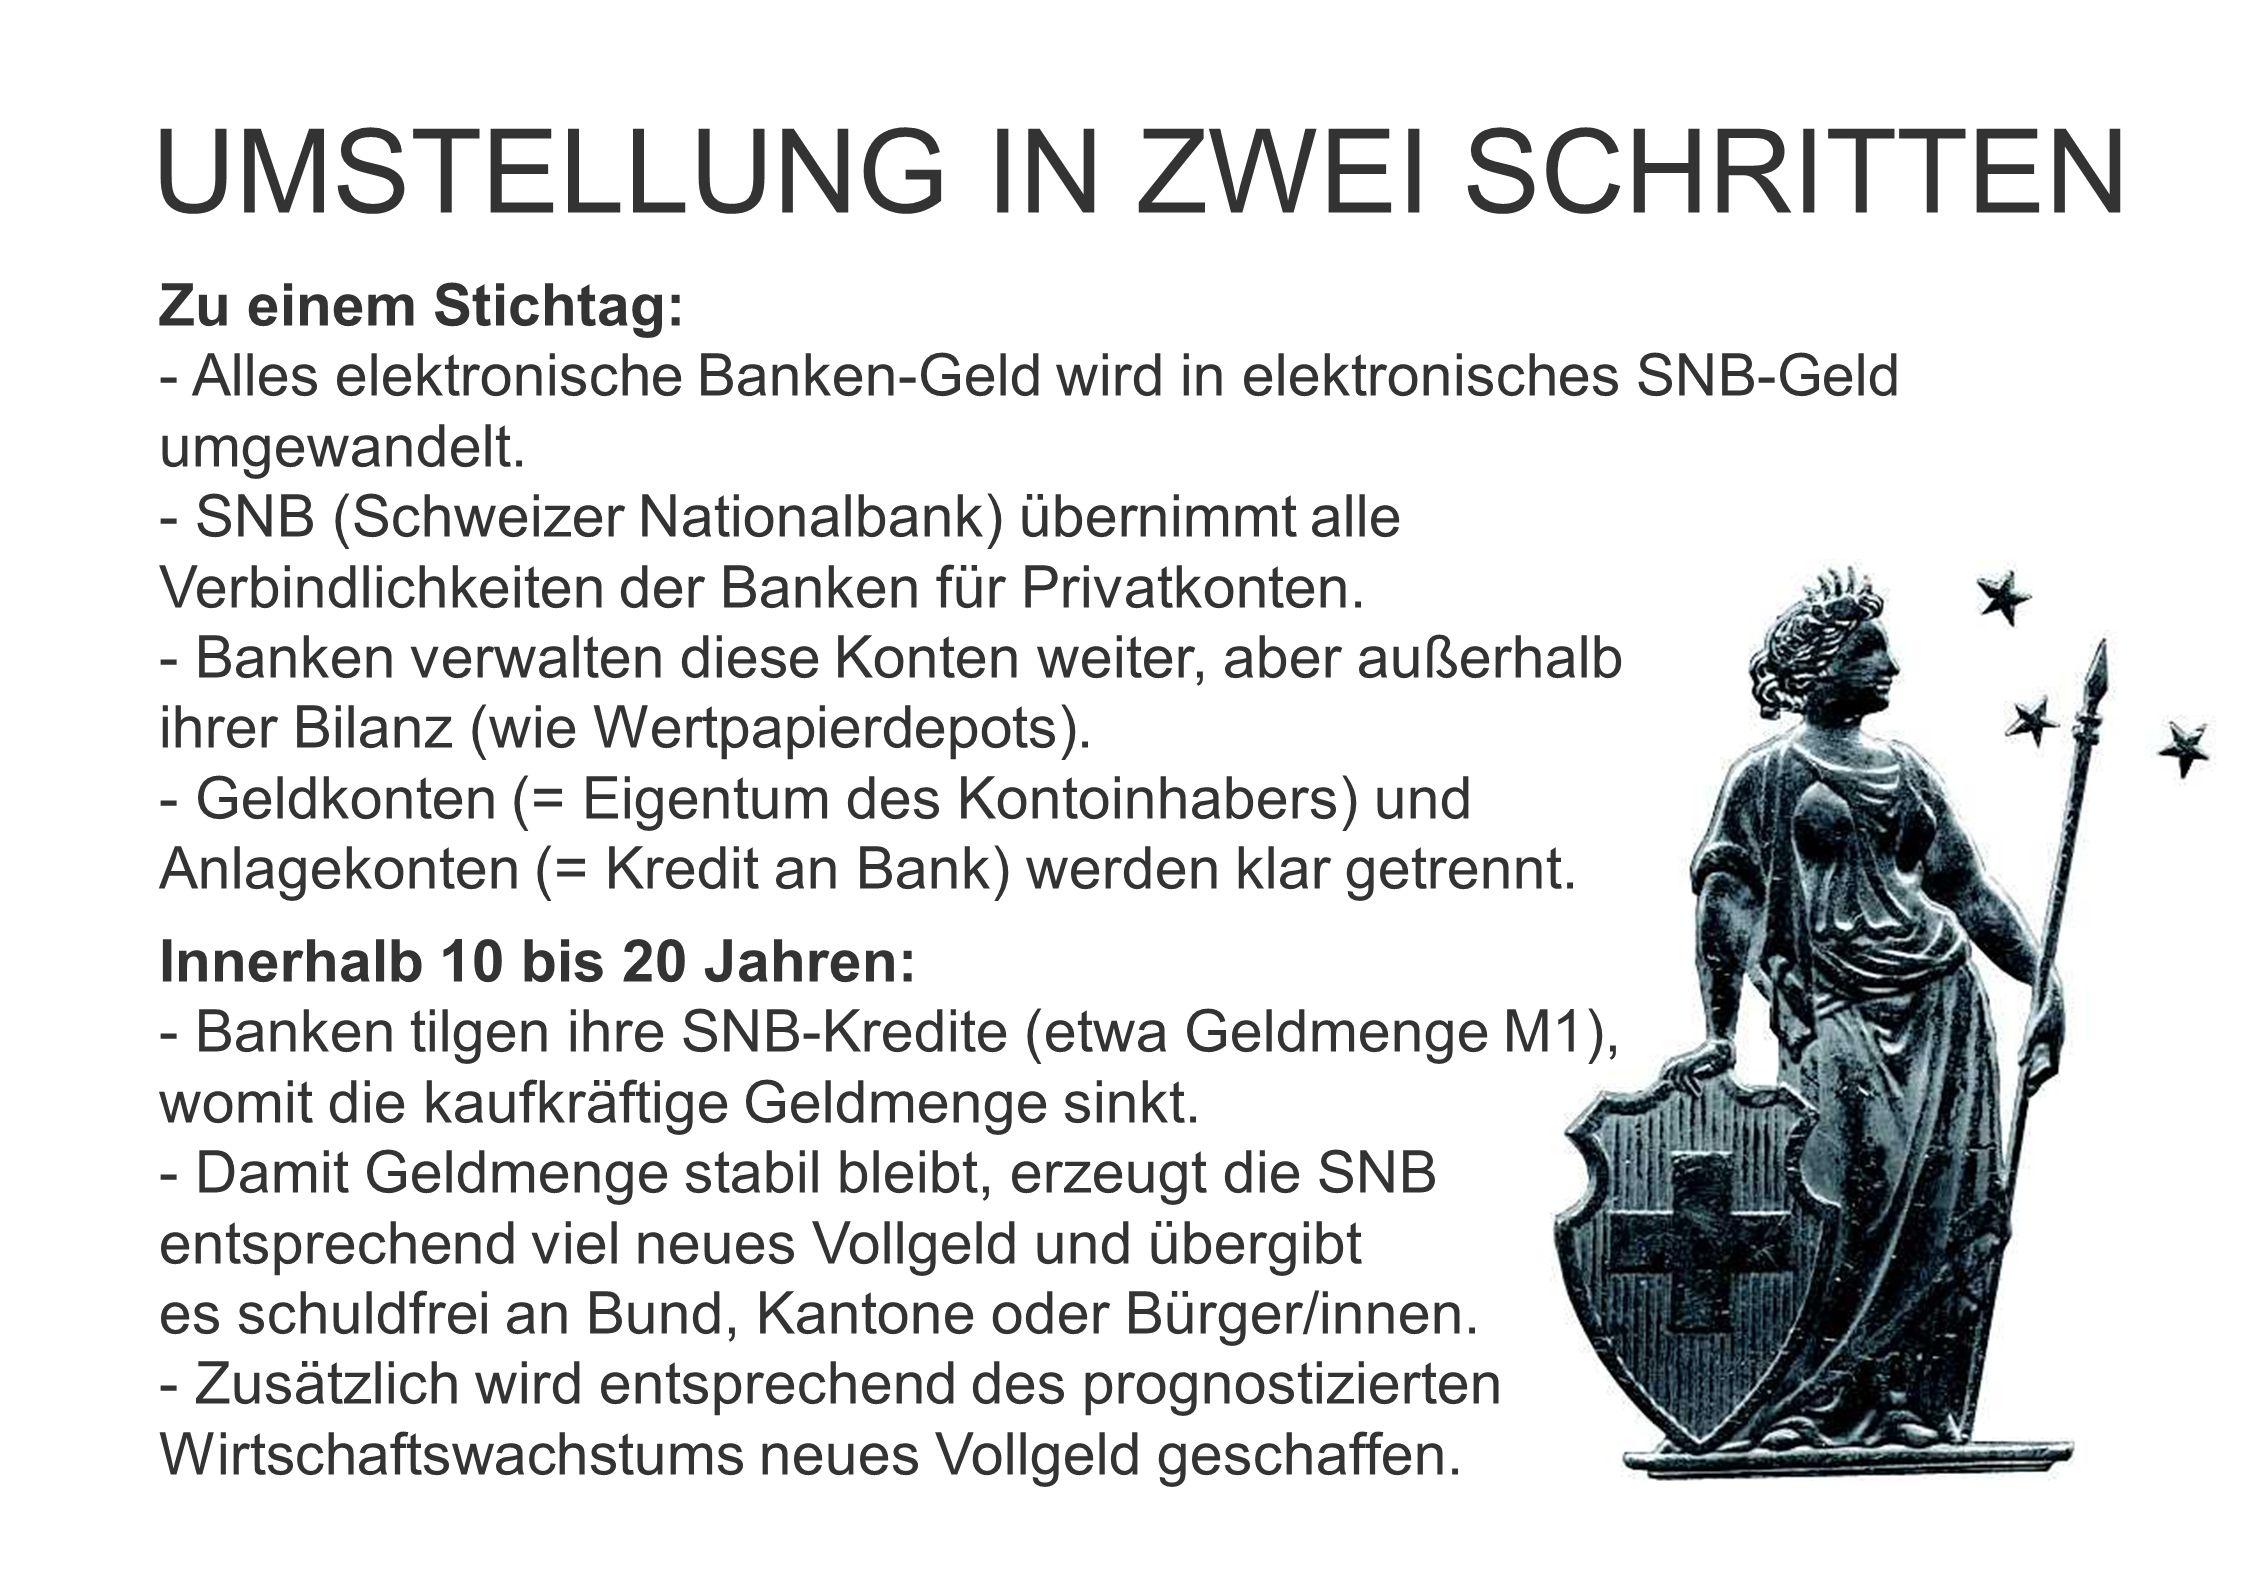 Zu einem Stichtag: - Alles elektronische Banken-Geld wird in elektronisches SNB-Geld umgewandelt. - SNB (Schweizer Nationalbank) übernimmt alle Verbin